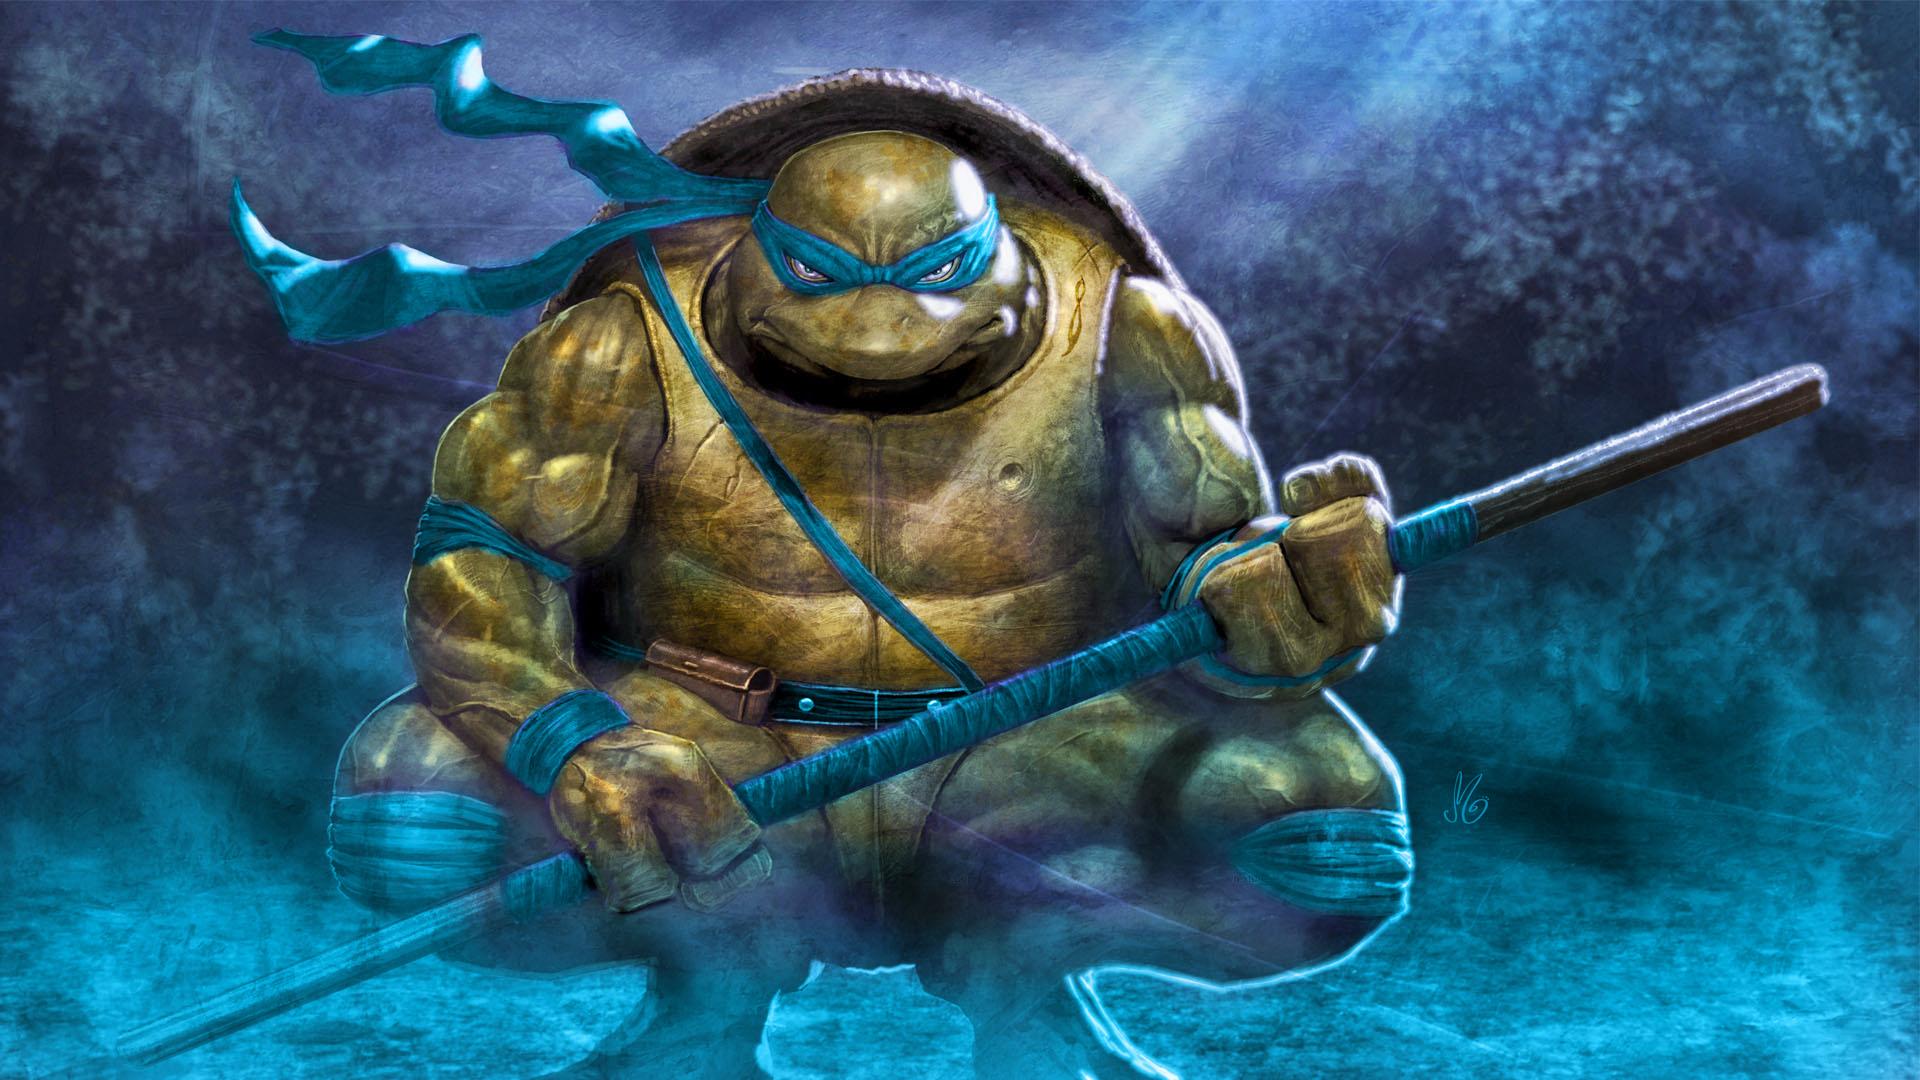 Teenage Mutant Ninja Turtles Leonardo Free Wallpaper